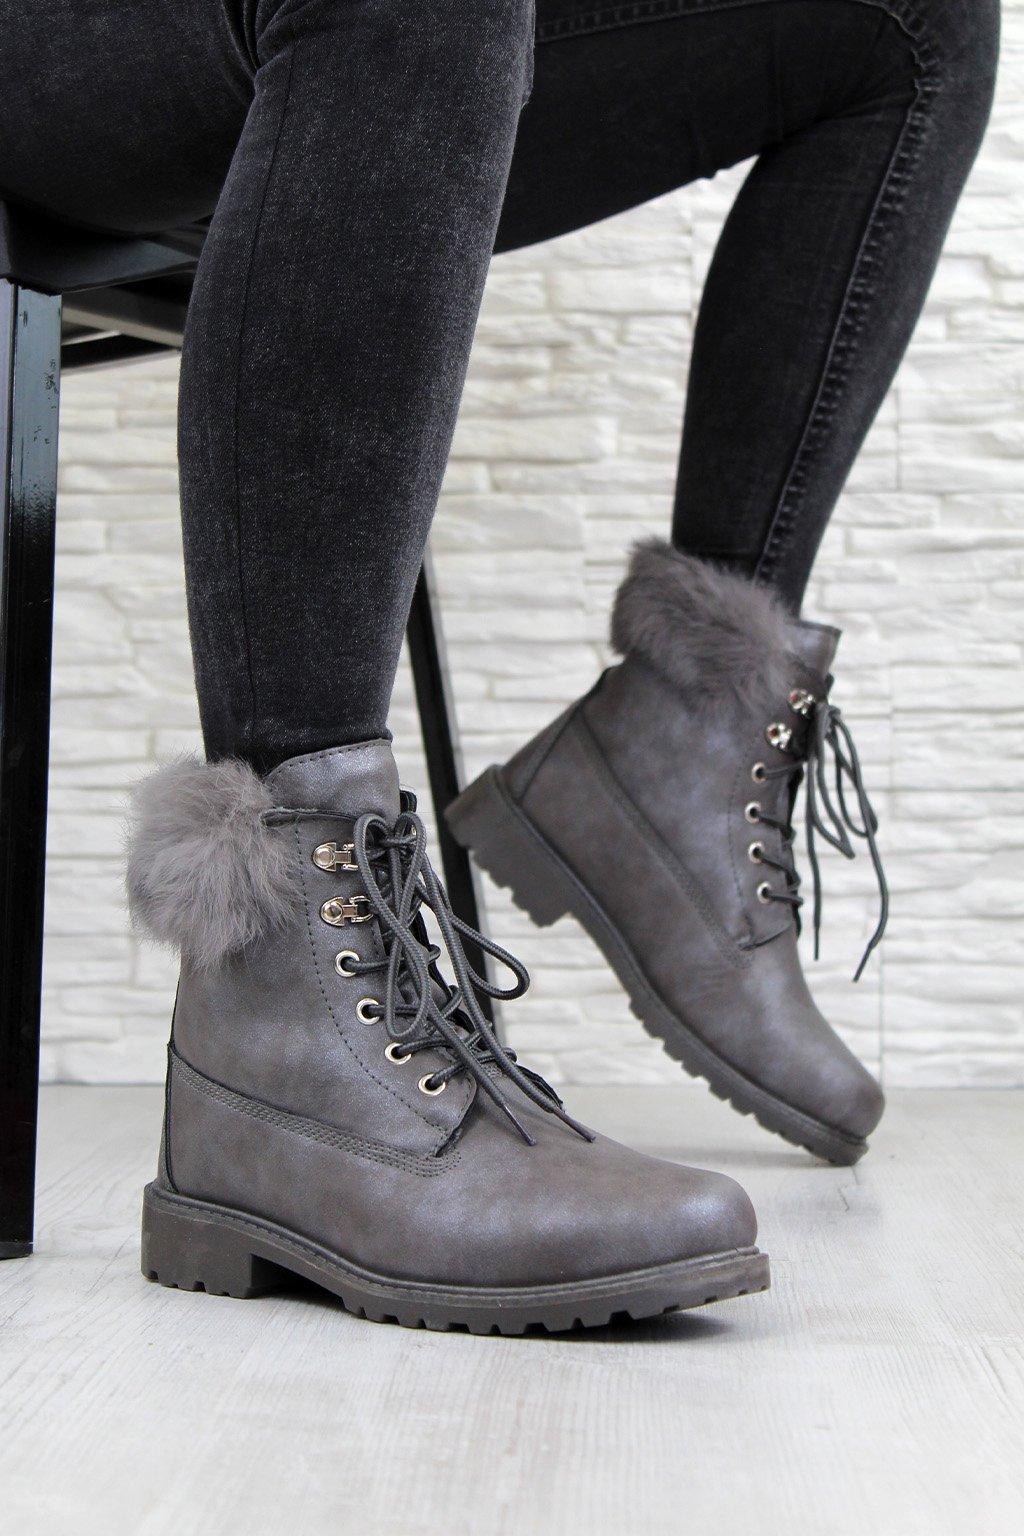 606 2G Zimní boty s kožichem (2)